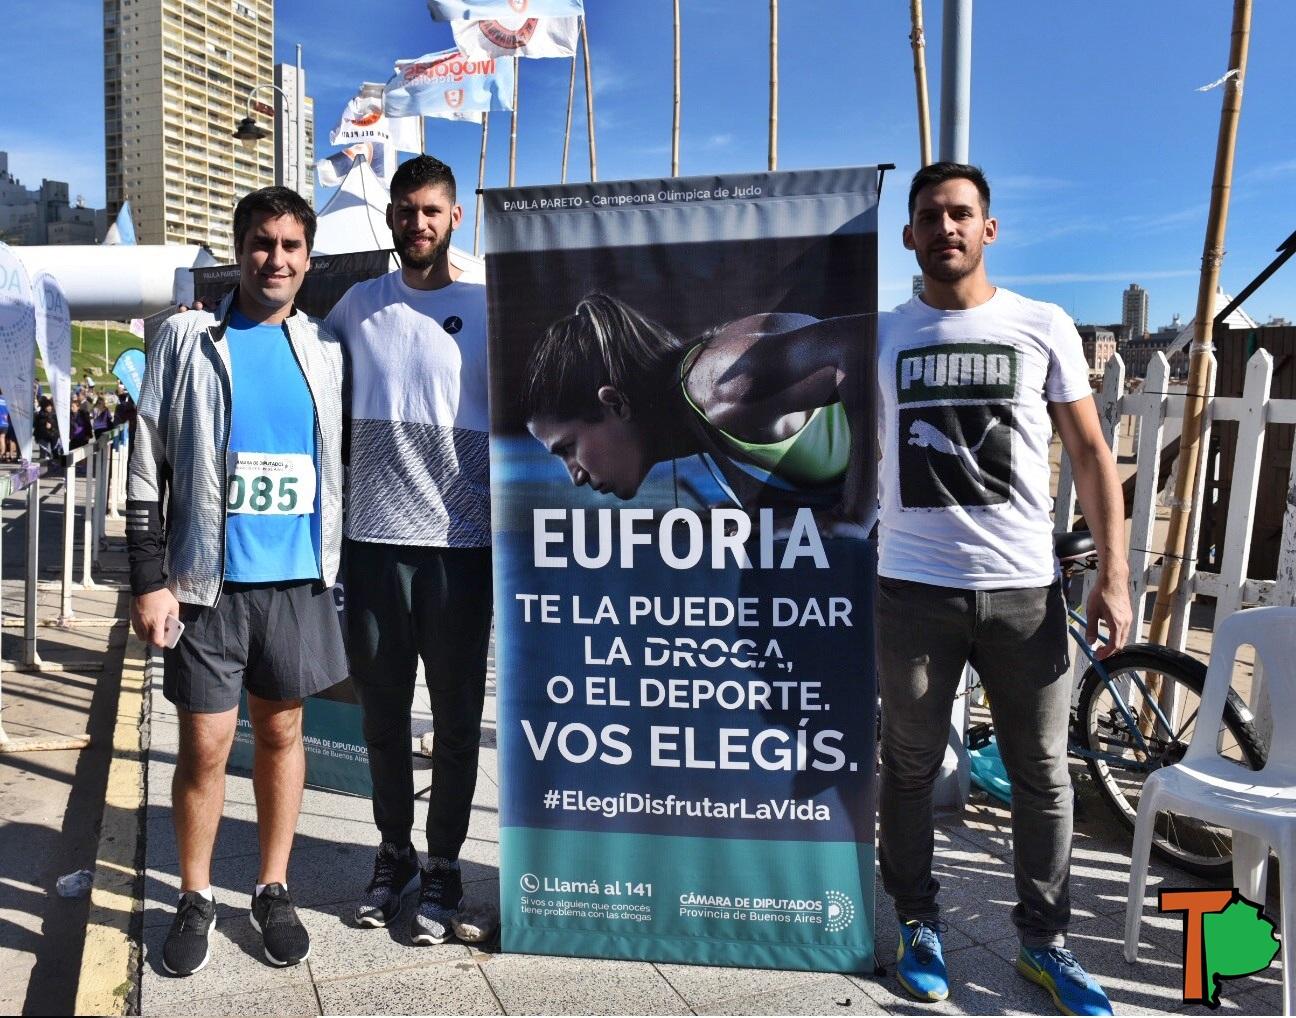 Mar del Plata / Mosca junto a Garino y Crismanich lanzaron la maratón 8k contra las adicciones